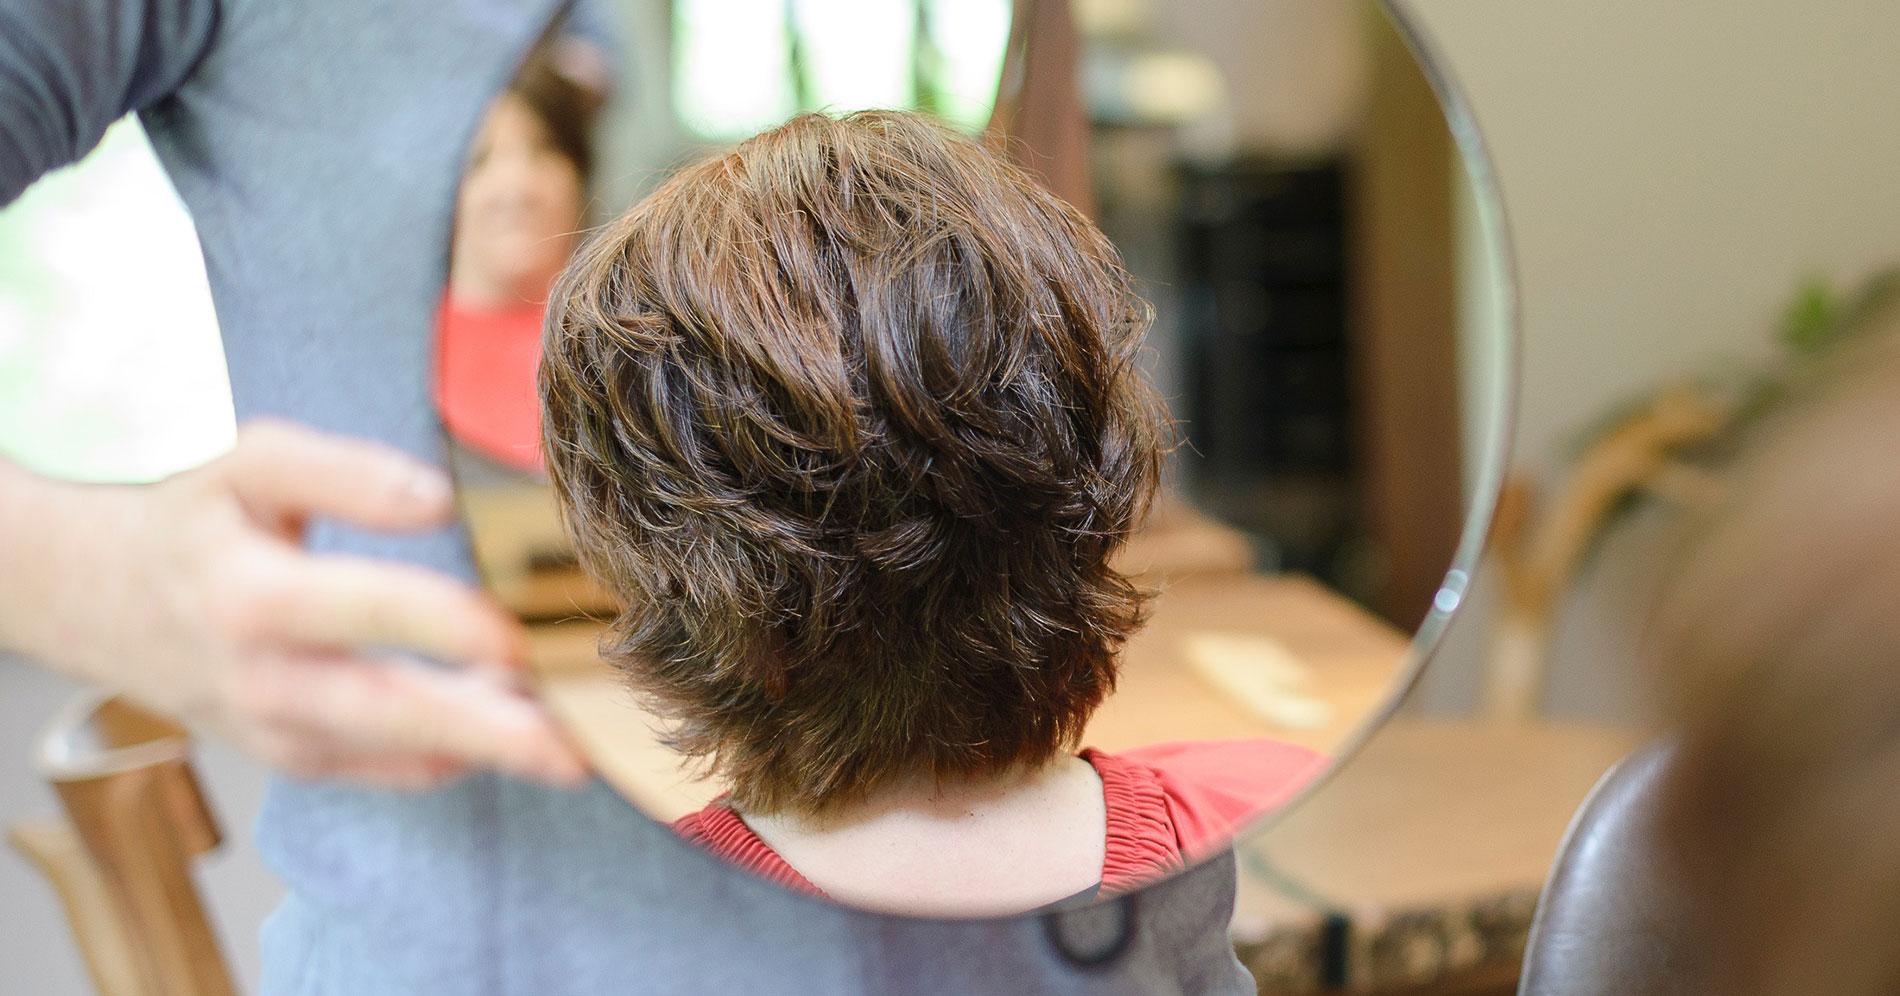 Naturfriseur Allgaeu Haarschnitte unterstützen auf dem Weg zur chemiefreien Frisur